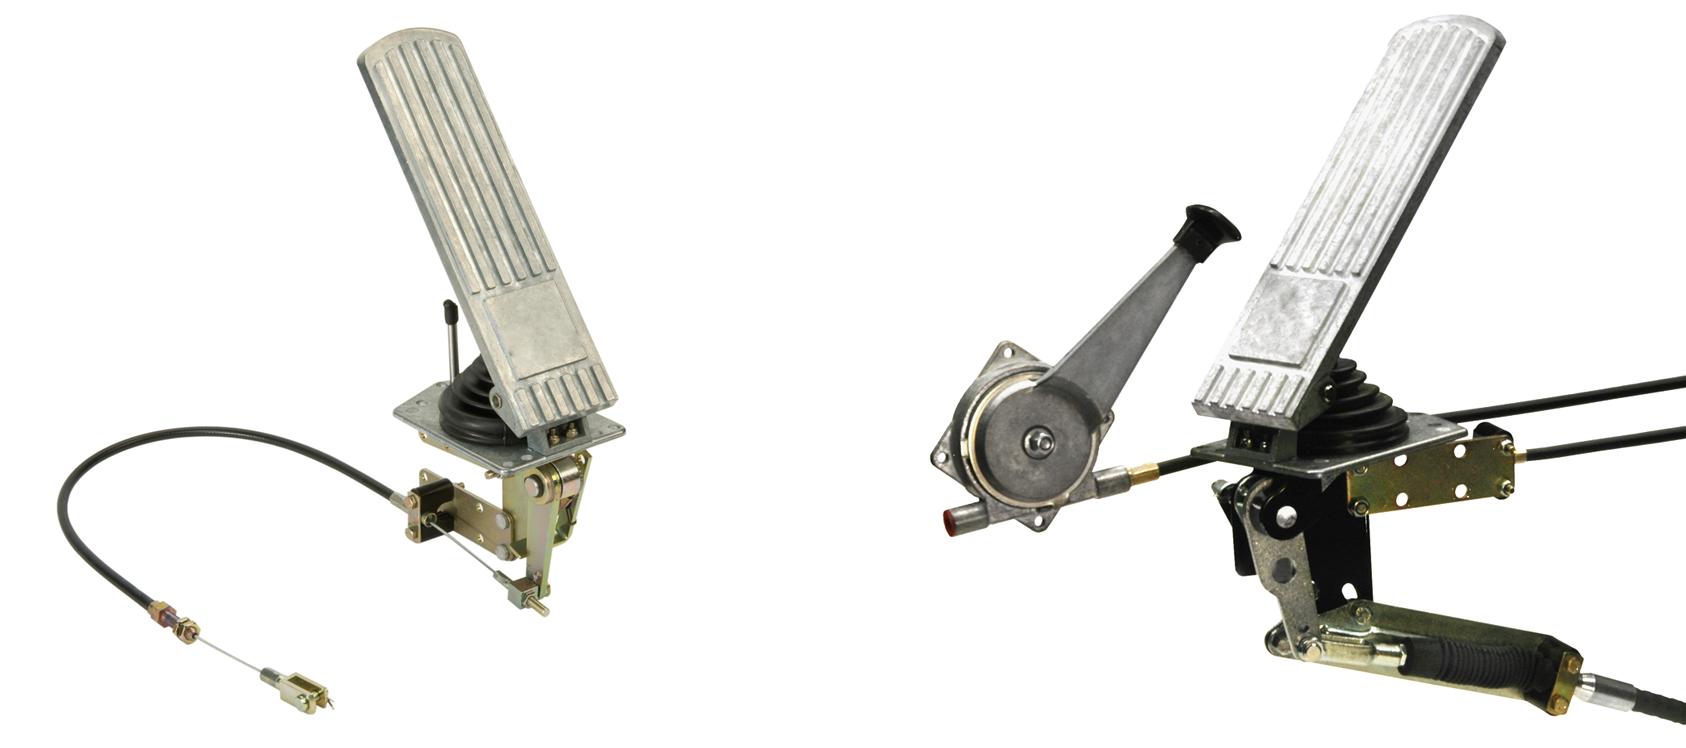 Cablecraft Control Assemblies